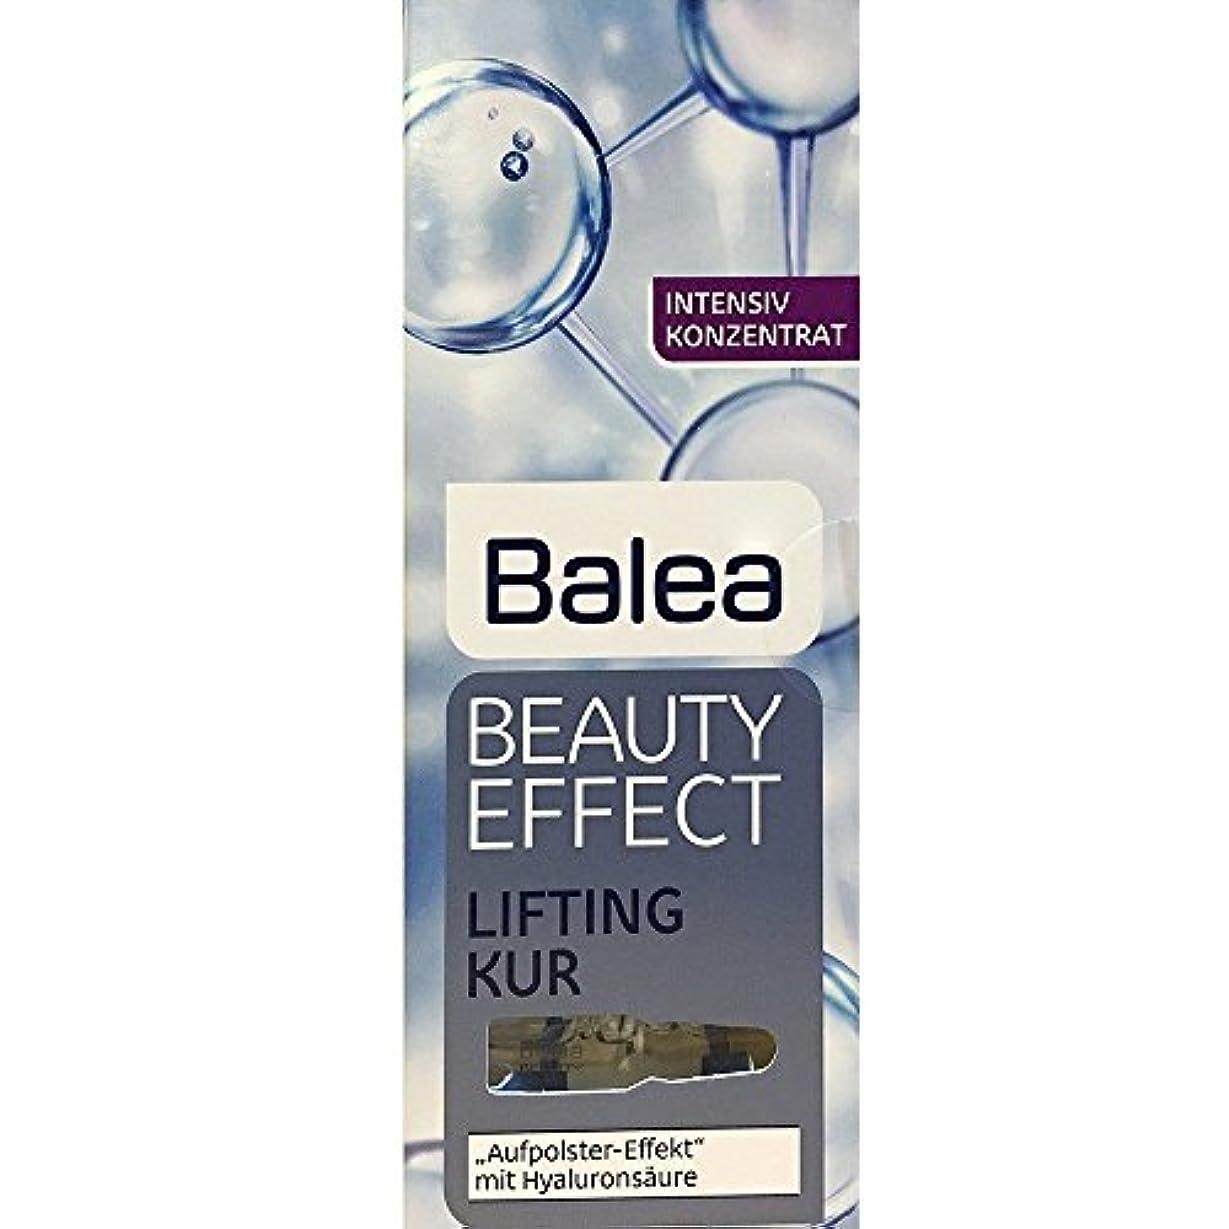 モロニック十分振り向くBalea Beauty Effect Lifting Kur 7x1ml by Balea